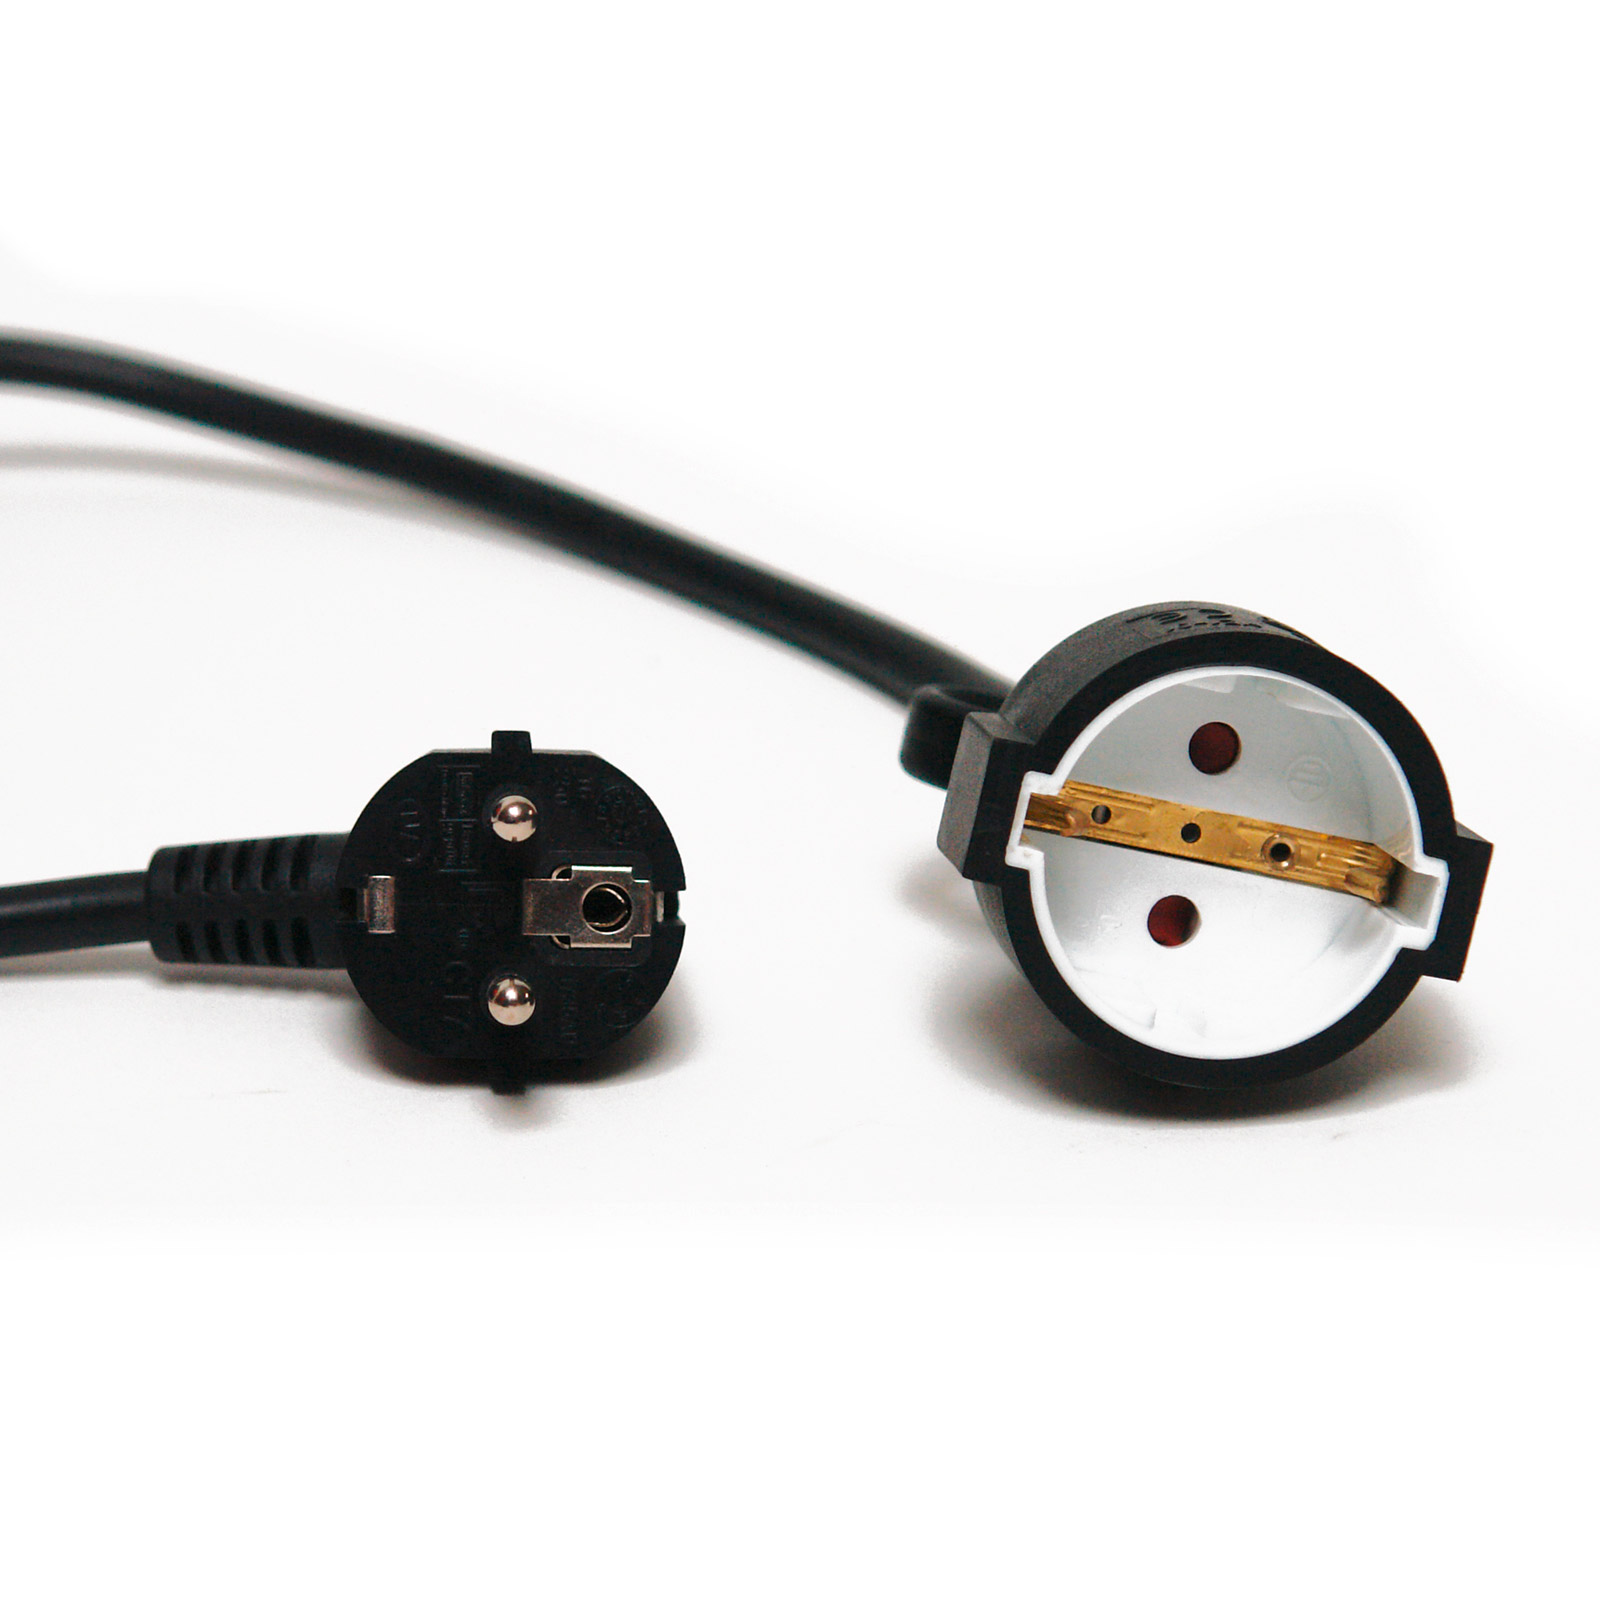 kabeltrommel kabelrolle 25 m automatik einzug zur decken und wandmontage ebay. Black Bedroom Furniture Sets. Home Design Ideas